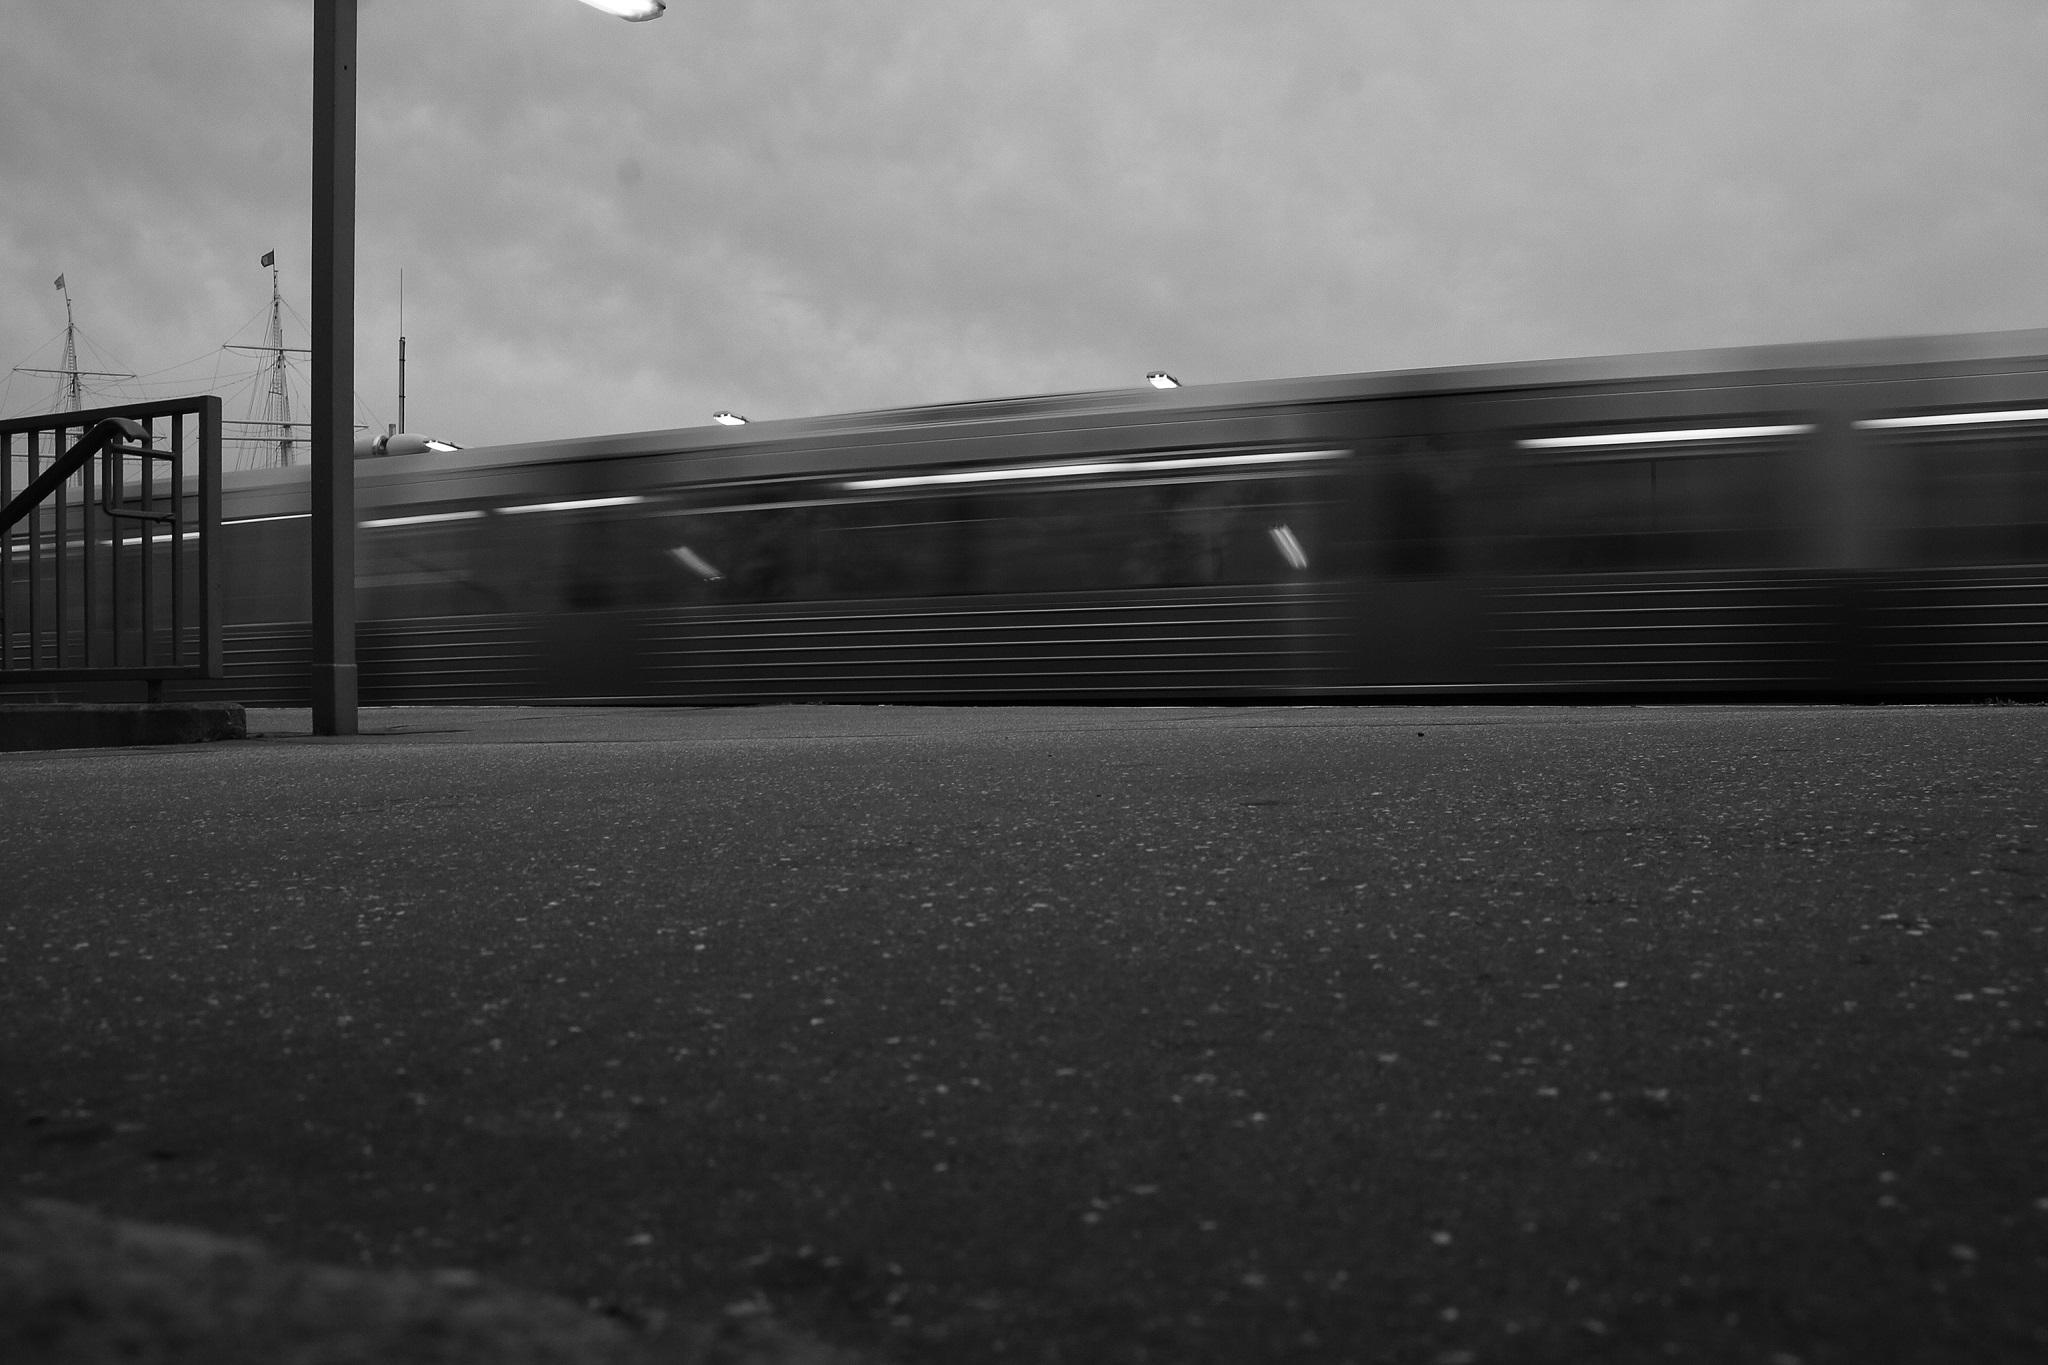 Ein Zug der Hamburger Hochbahn bei der Abfahrt.